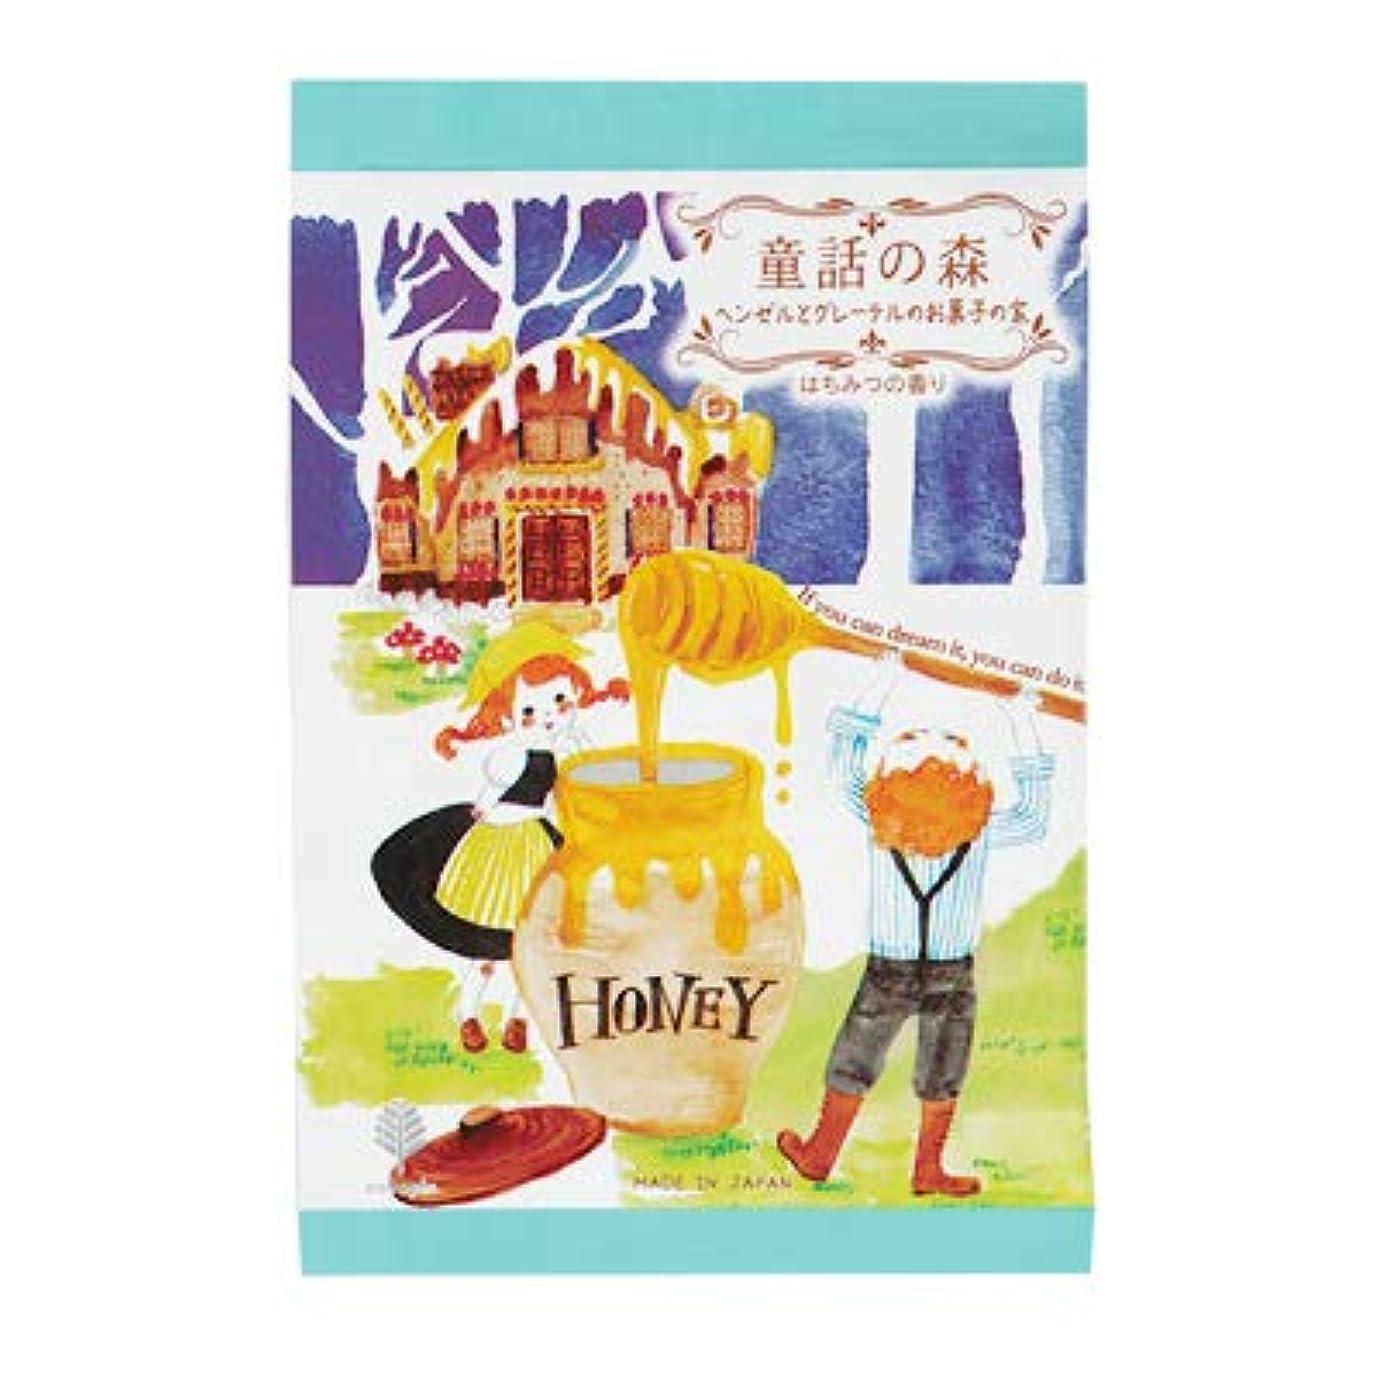 自然公園飲料レッスン【まとめ買い6個セット】 童話の森 ヘンゼルとグレーテルのお菓子の家